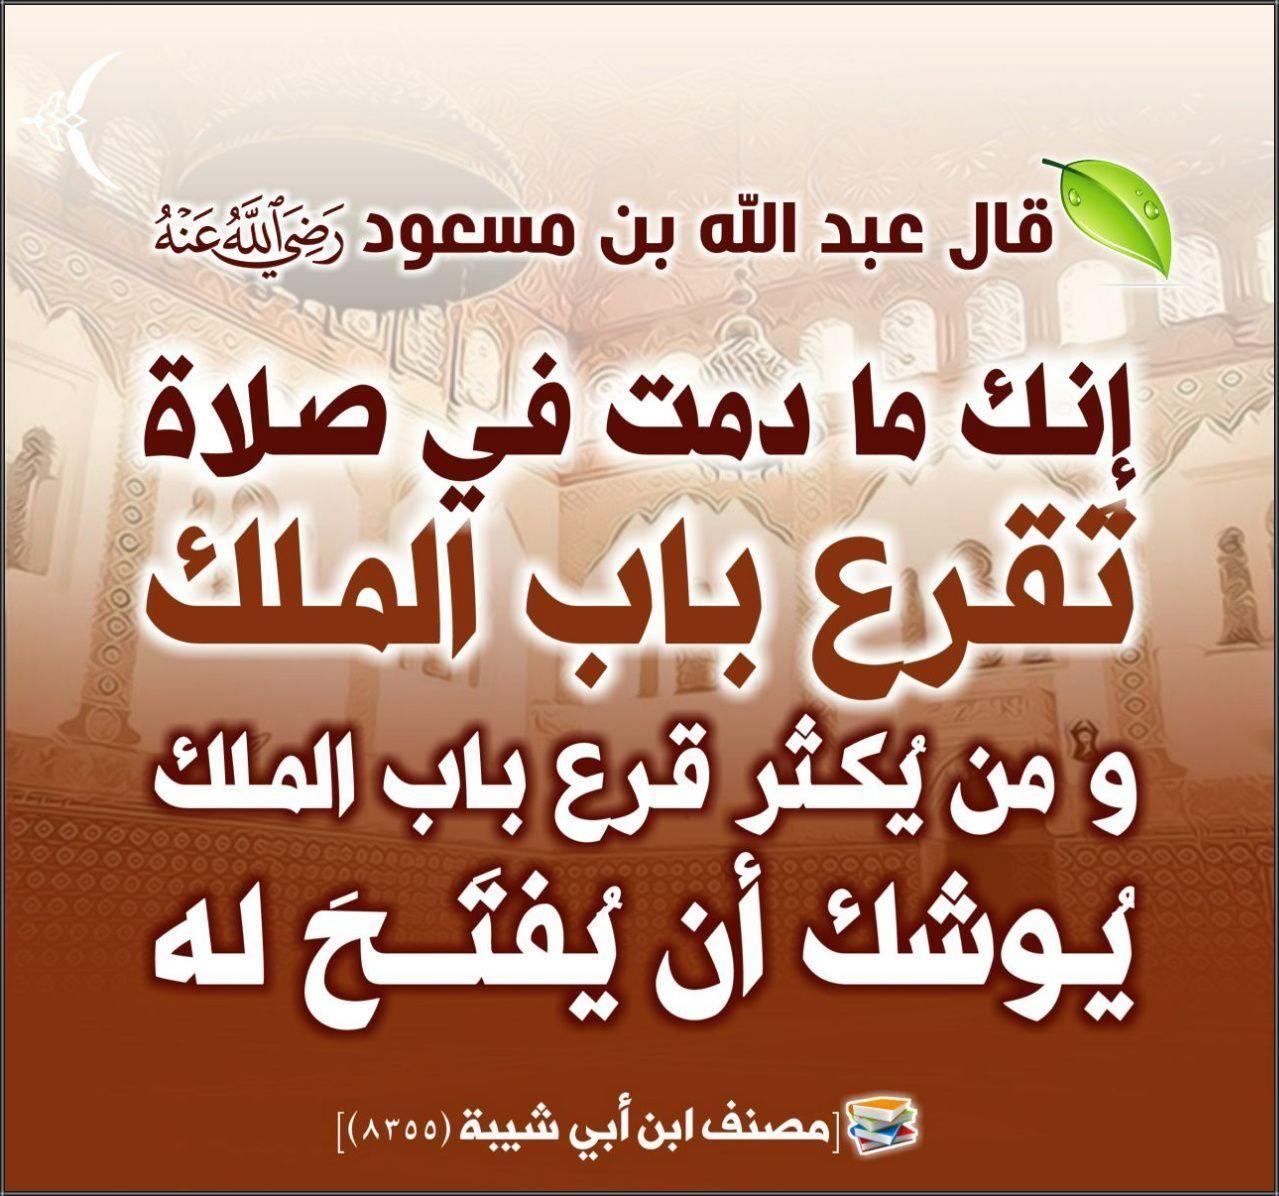 Pin By Eman Soliman On أقوال الصحابة والعلماء Salaah Duaa Islam Islam